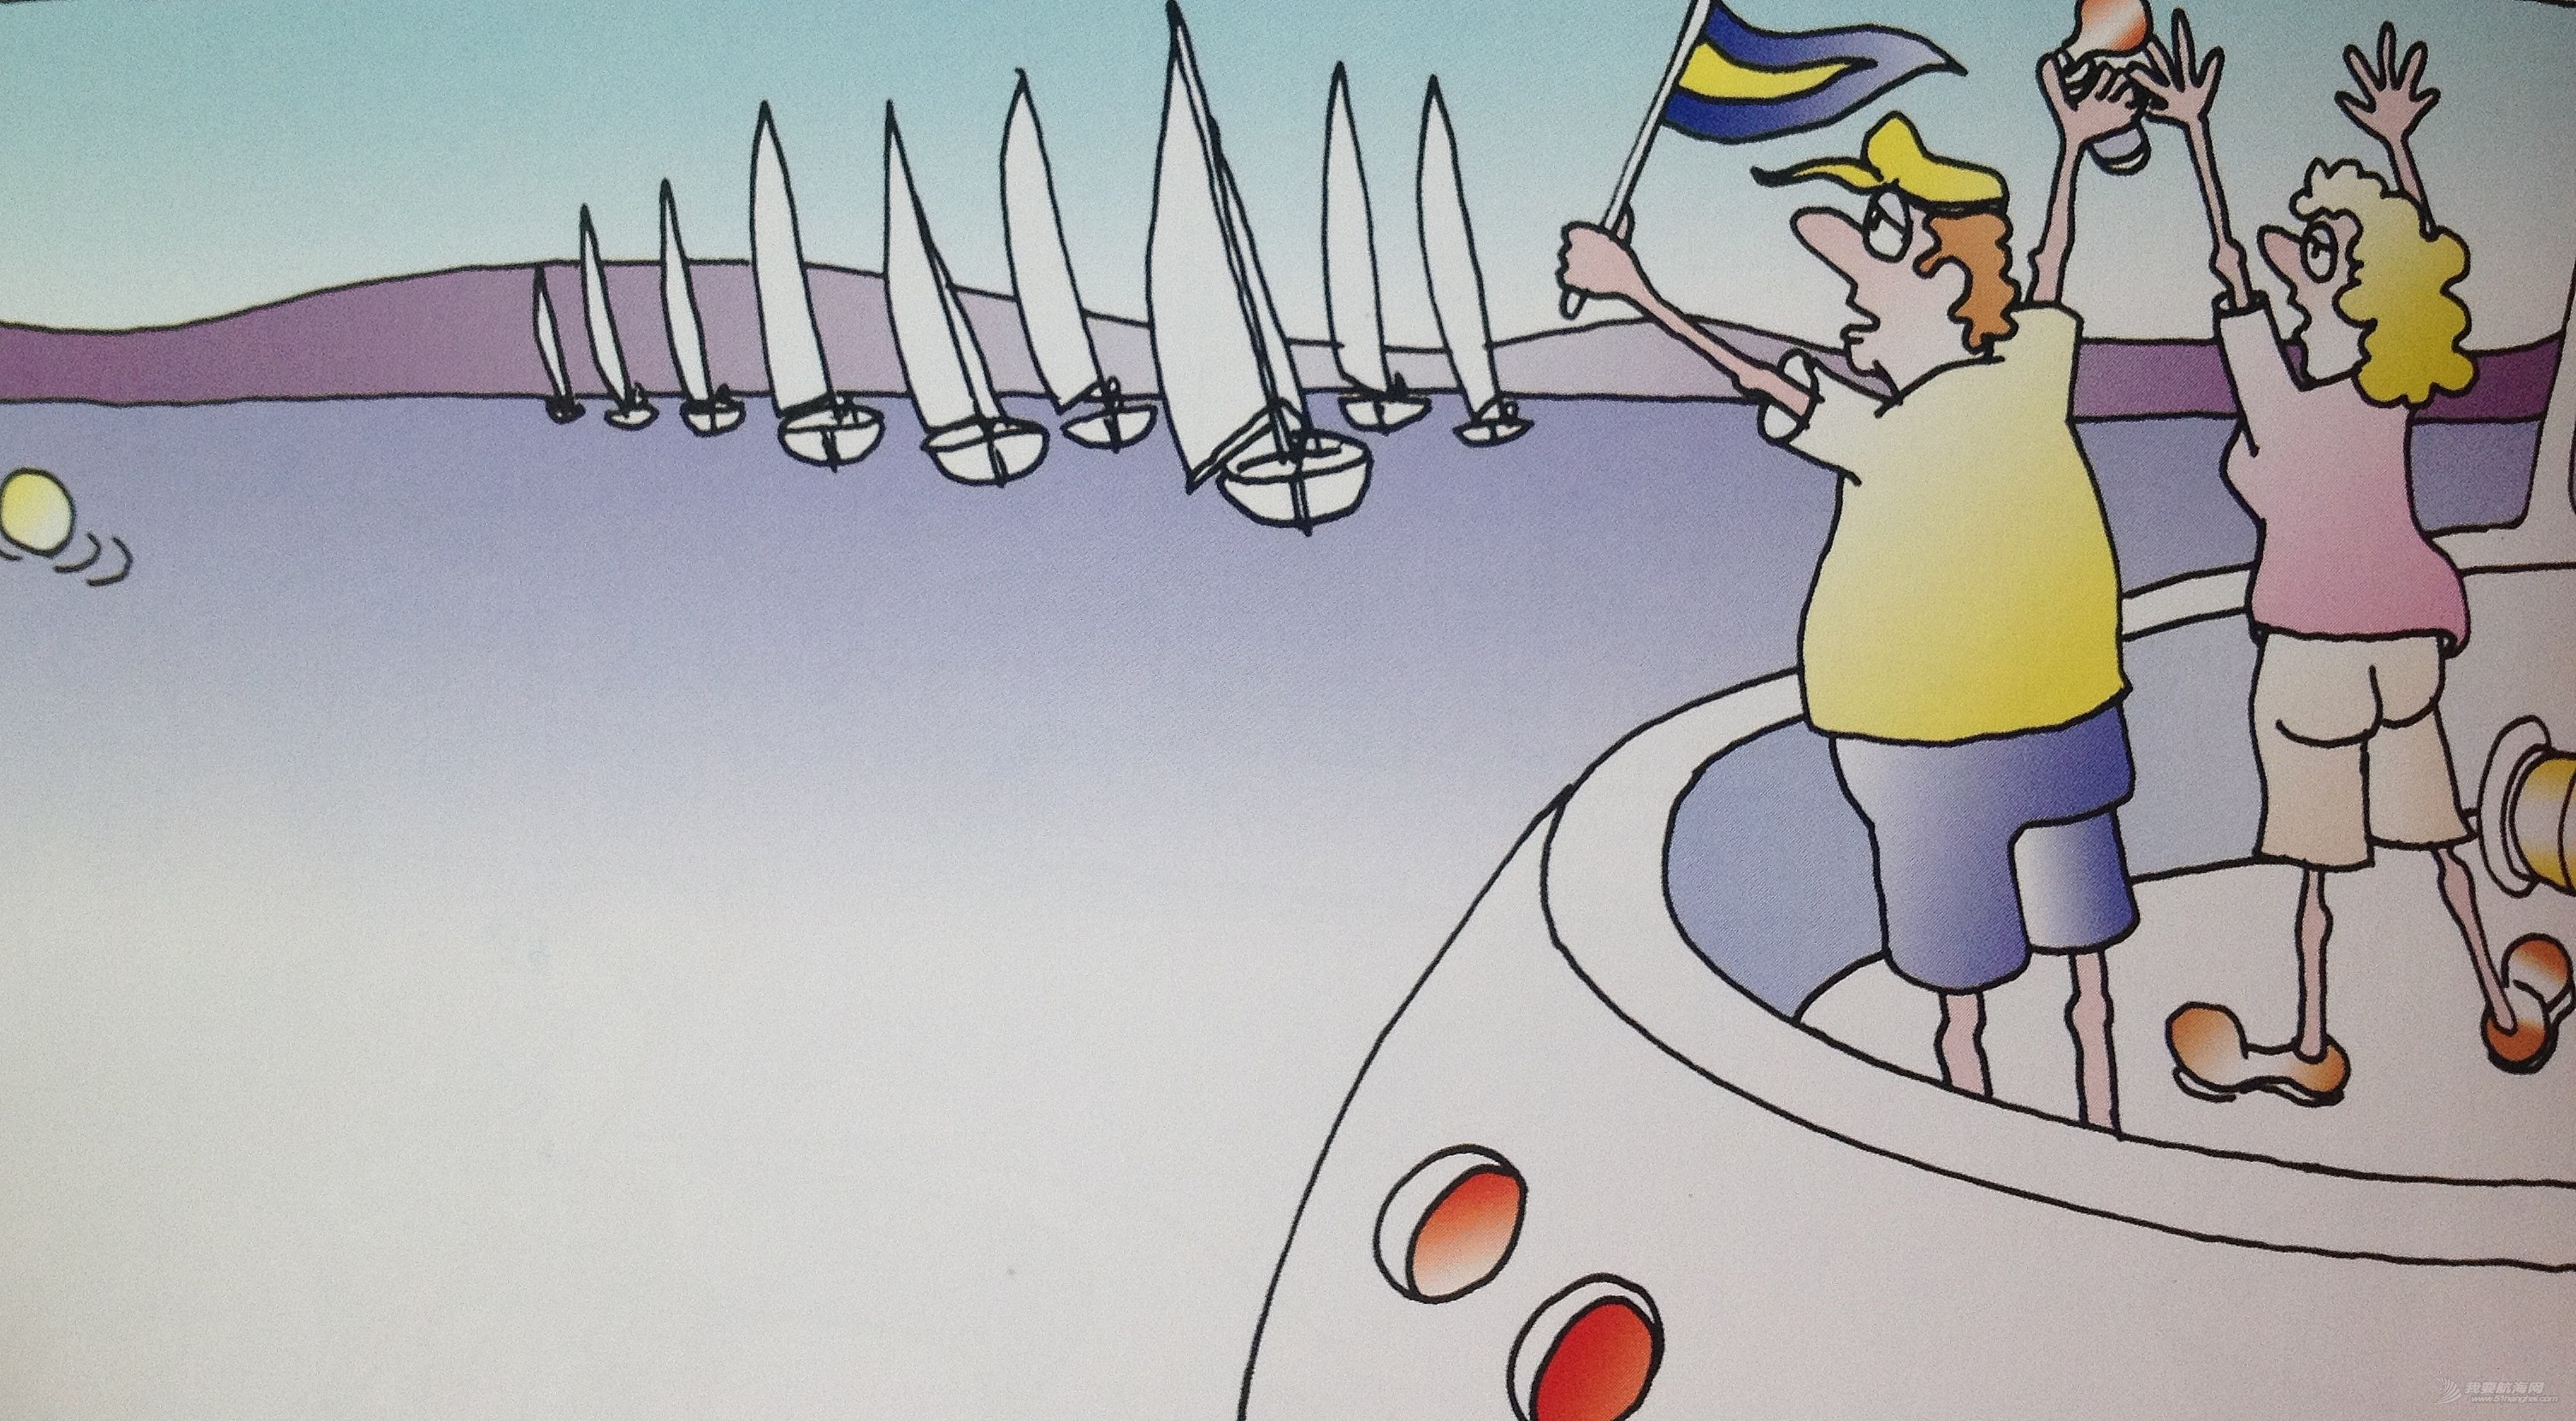 上风 P,I,U旗起航时,全部召回后抢航的船只免除惩罚并可继续参加竞赛.